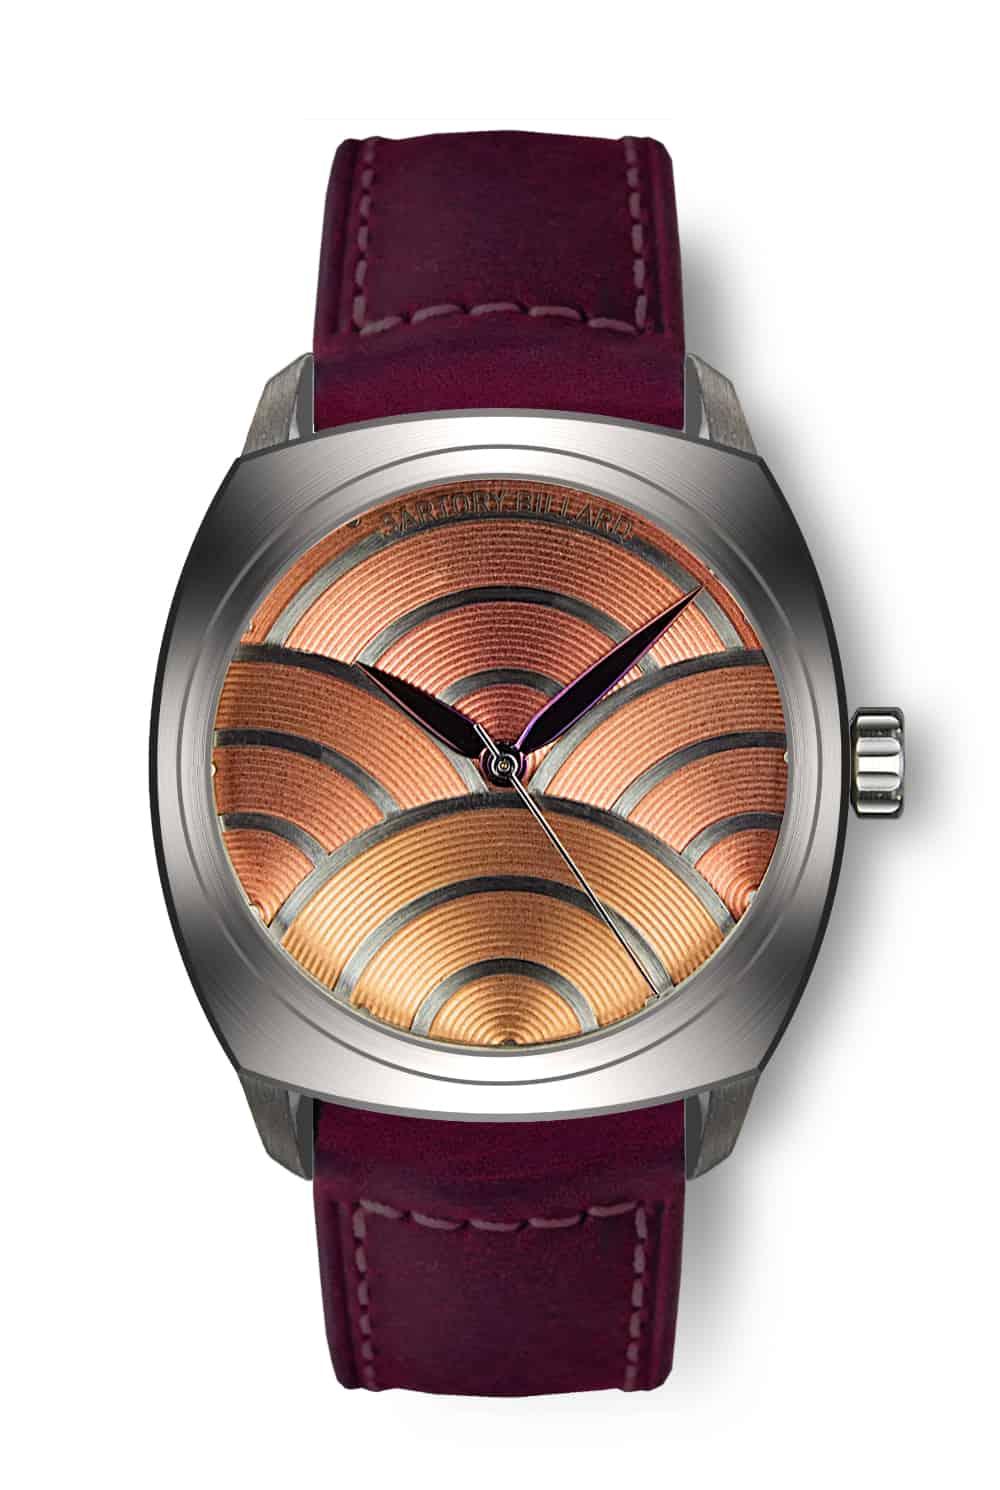 salmon dial watch, montre cadran saumon